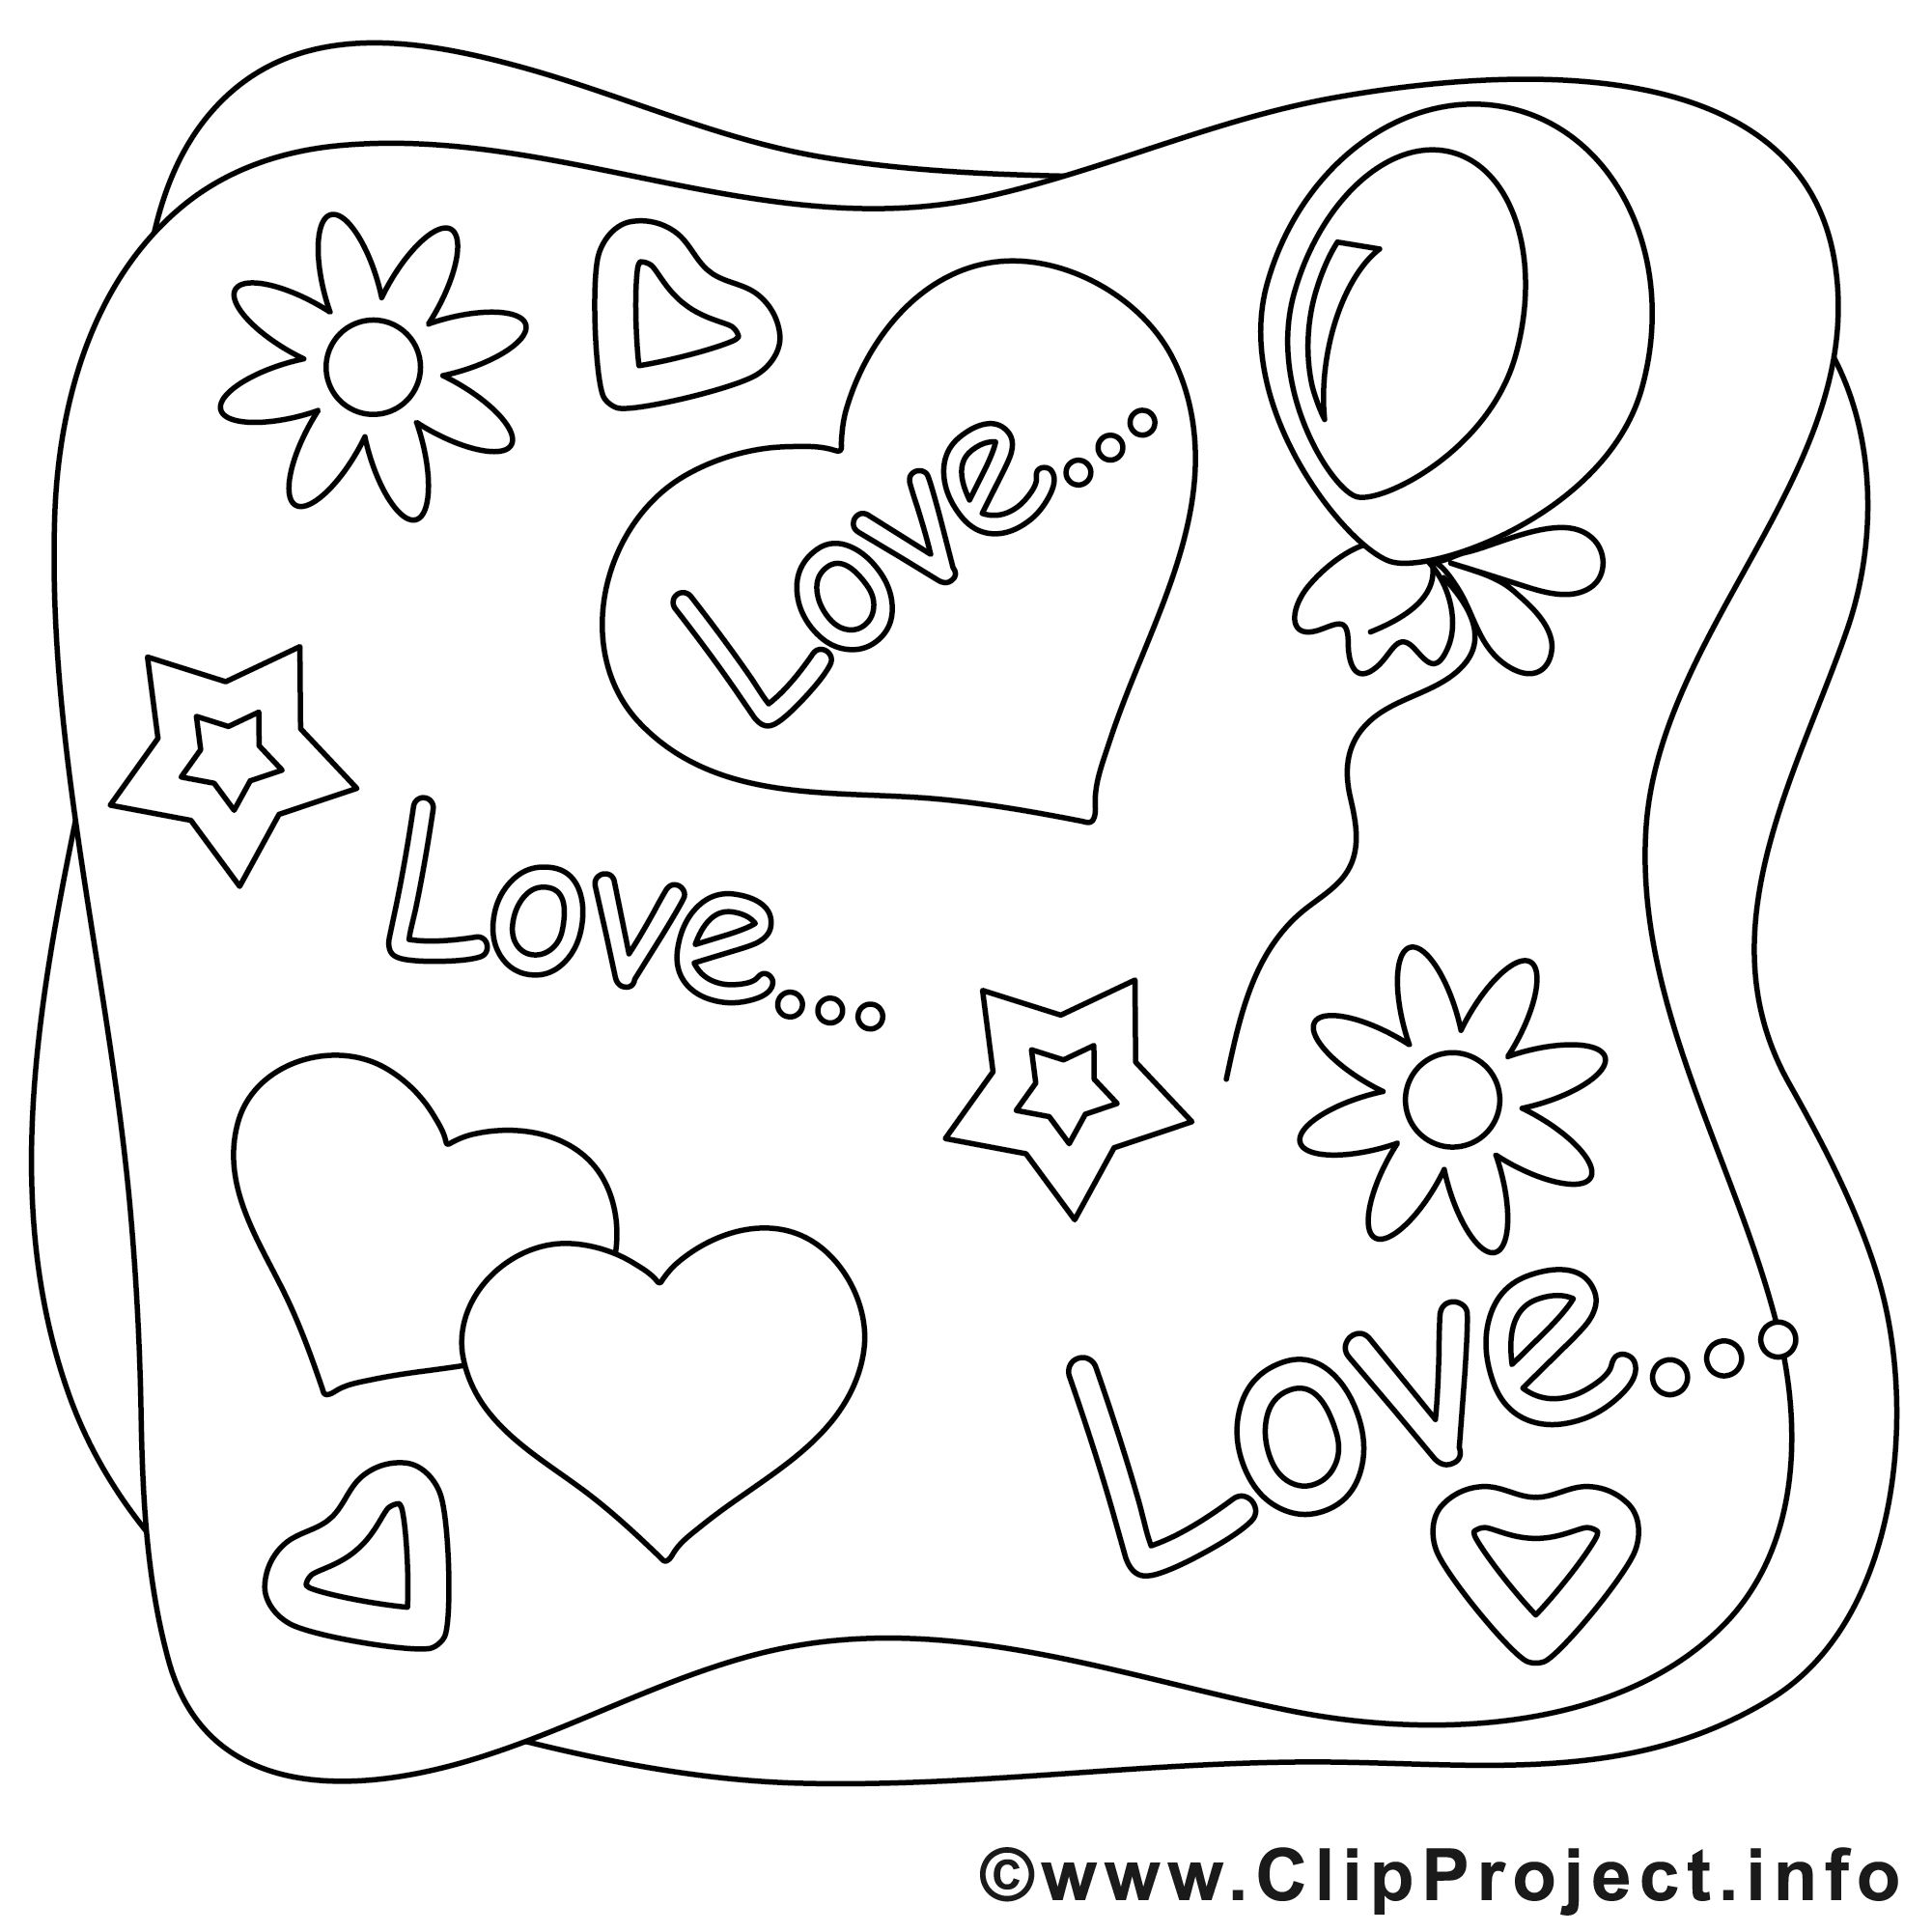 Love Ausmalbild Ausmalbilder Ausmalen Ausmalbilder Kinder